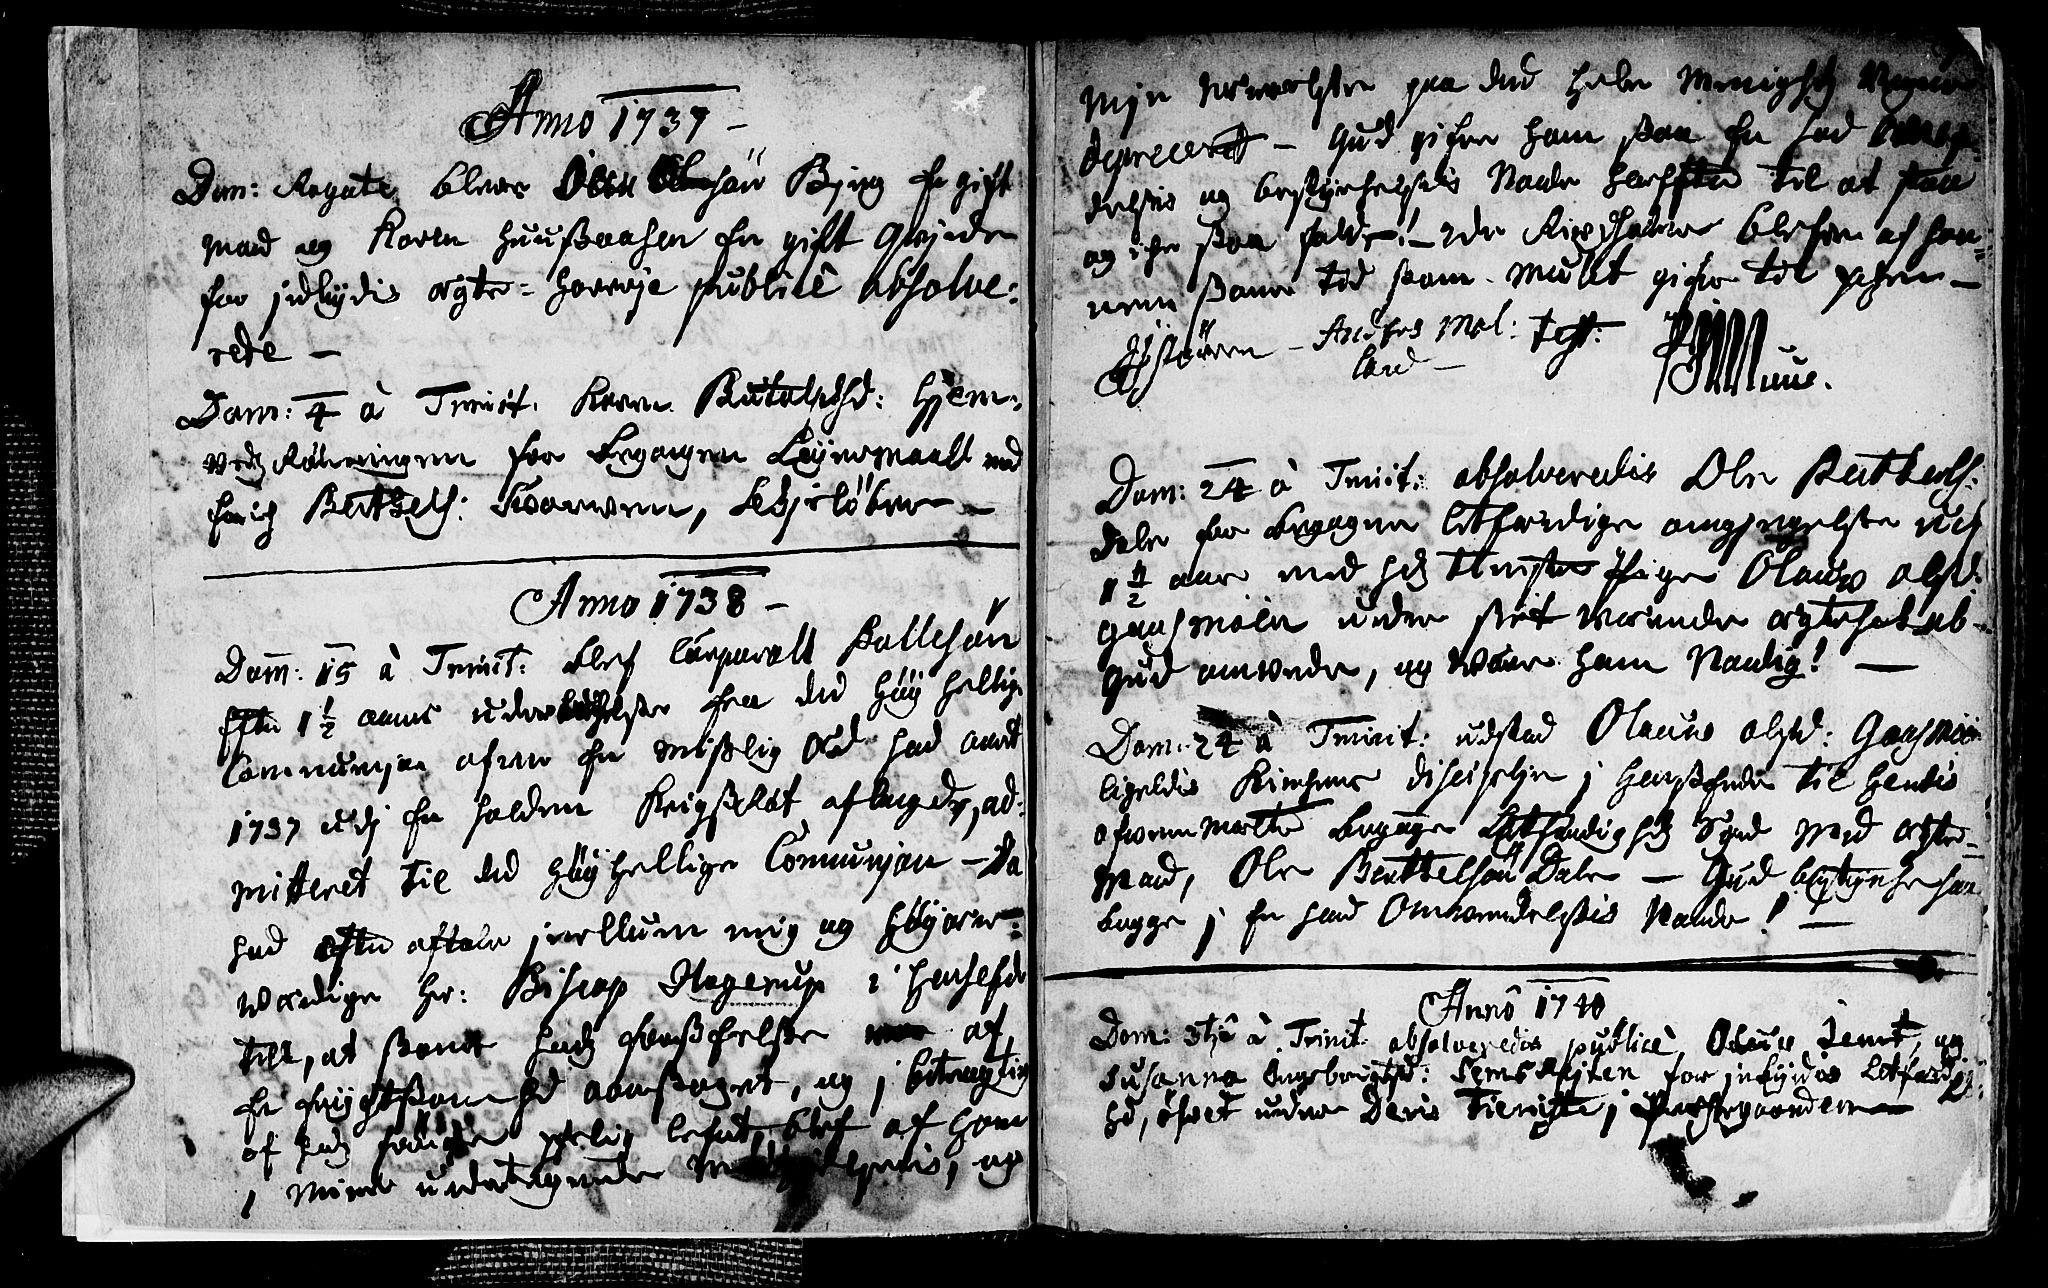 SAT, Ministerialprotokoller, klokkerbøker og fødselsregistre - Nord-Trøndelag, 749/L0467: Ministerialbok nr. 749A01, 1733-1787, s. 2-3